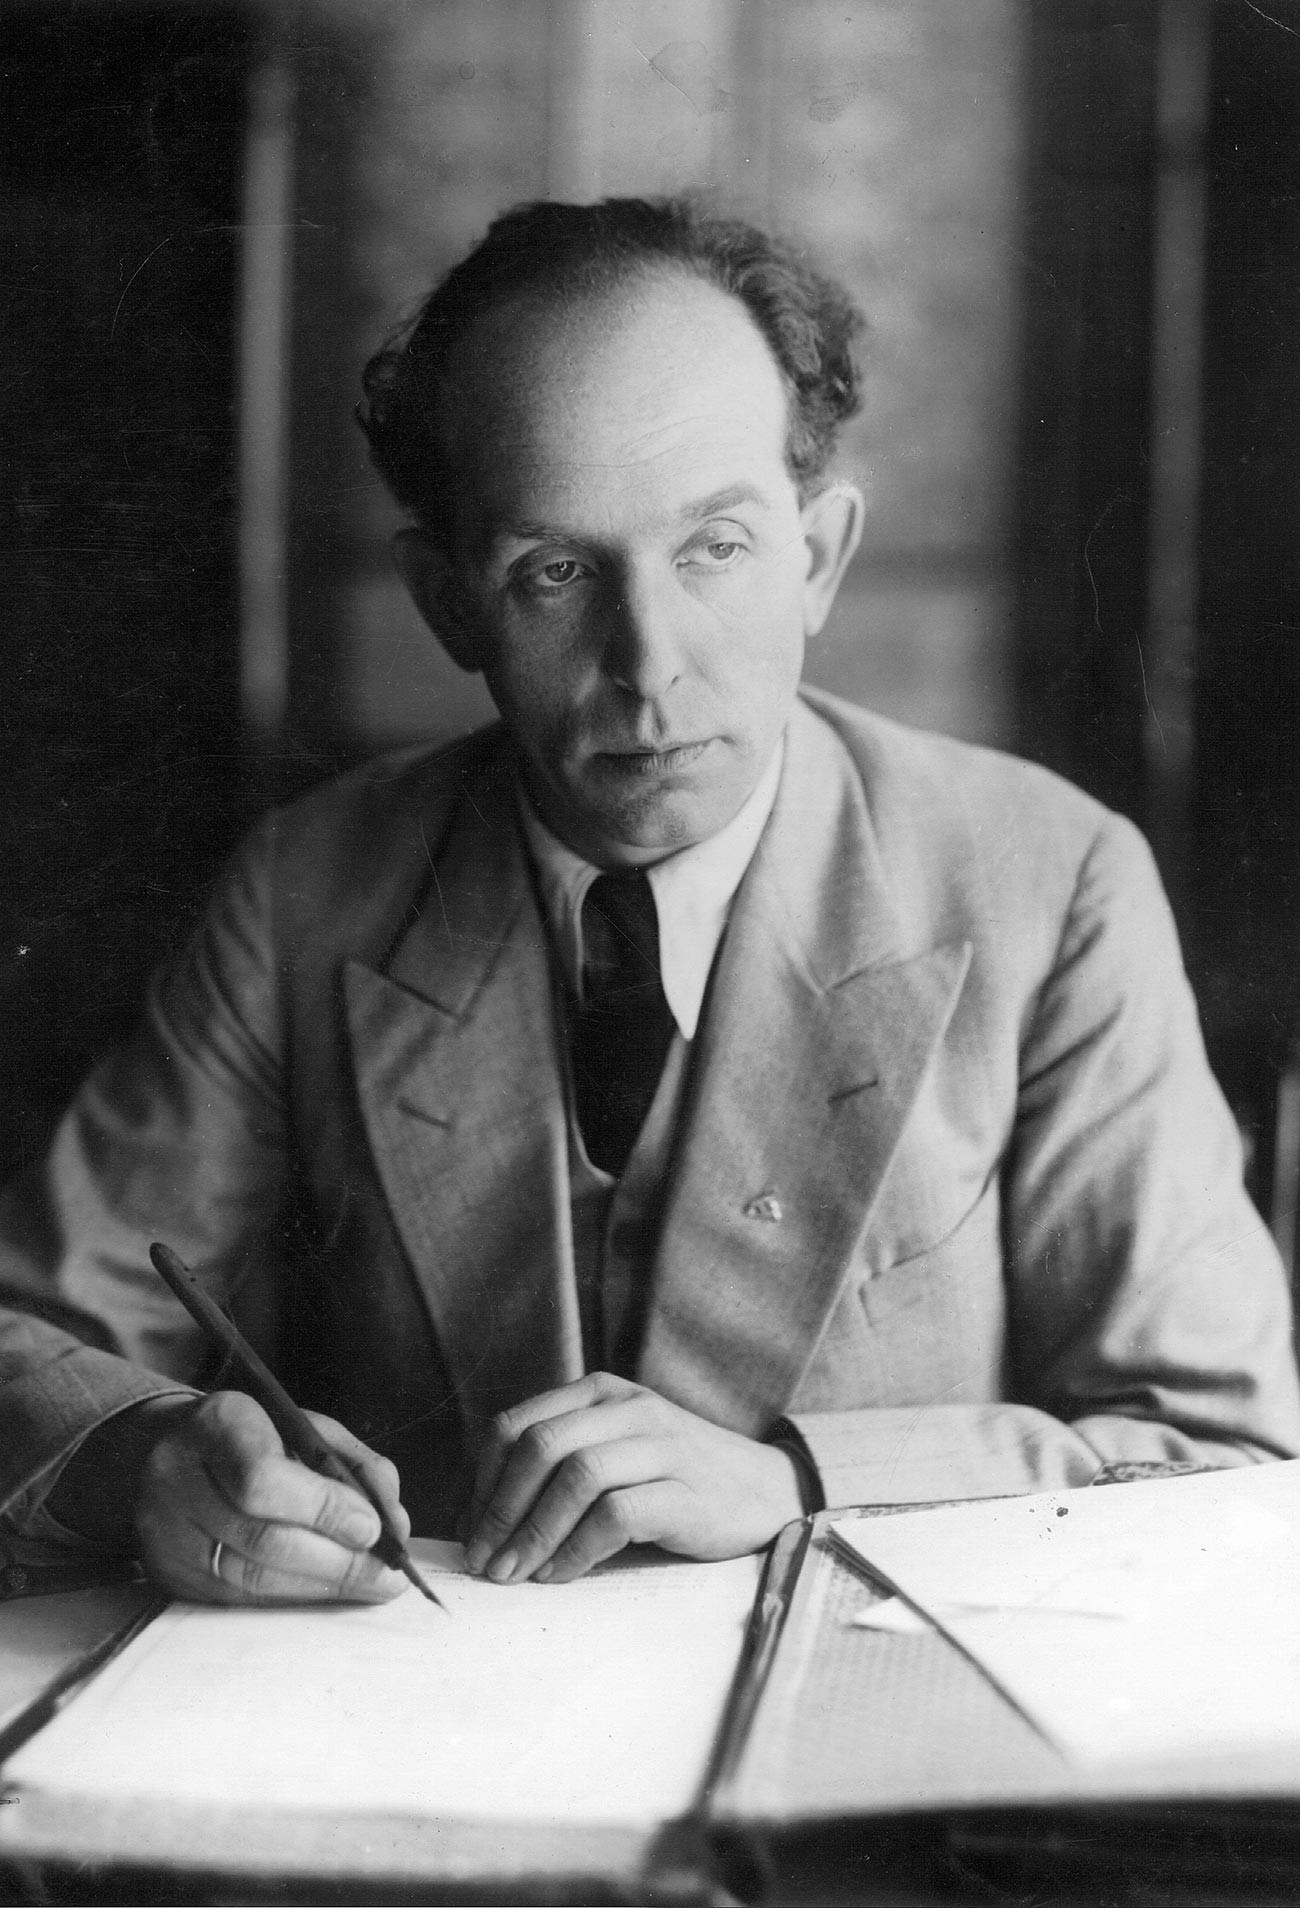 Роланд Фрајслер, 1933.